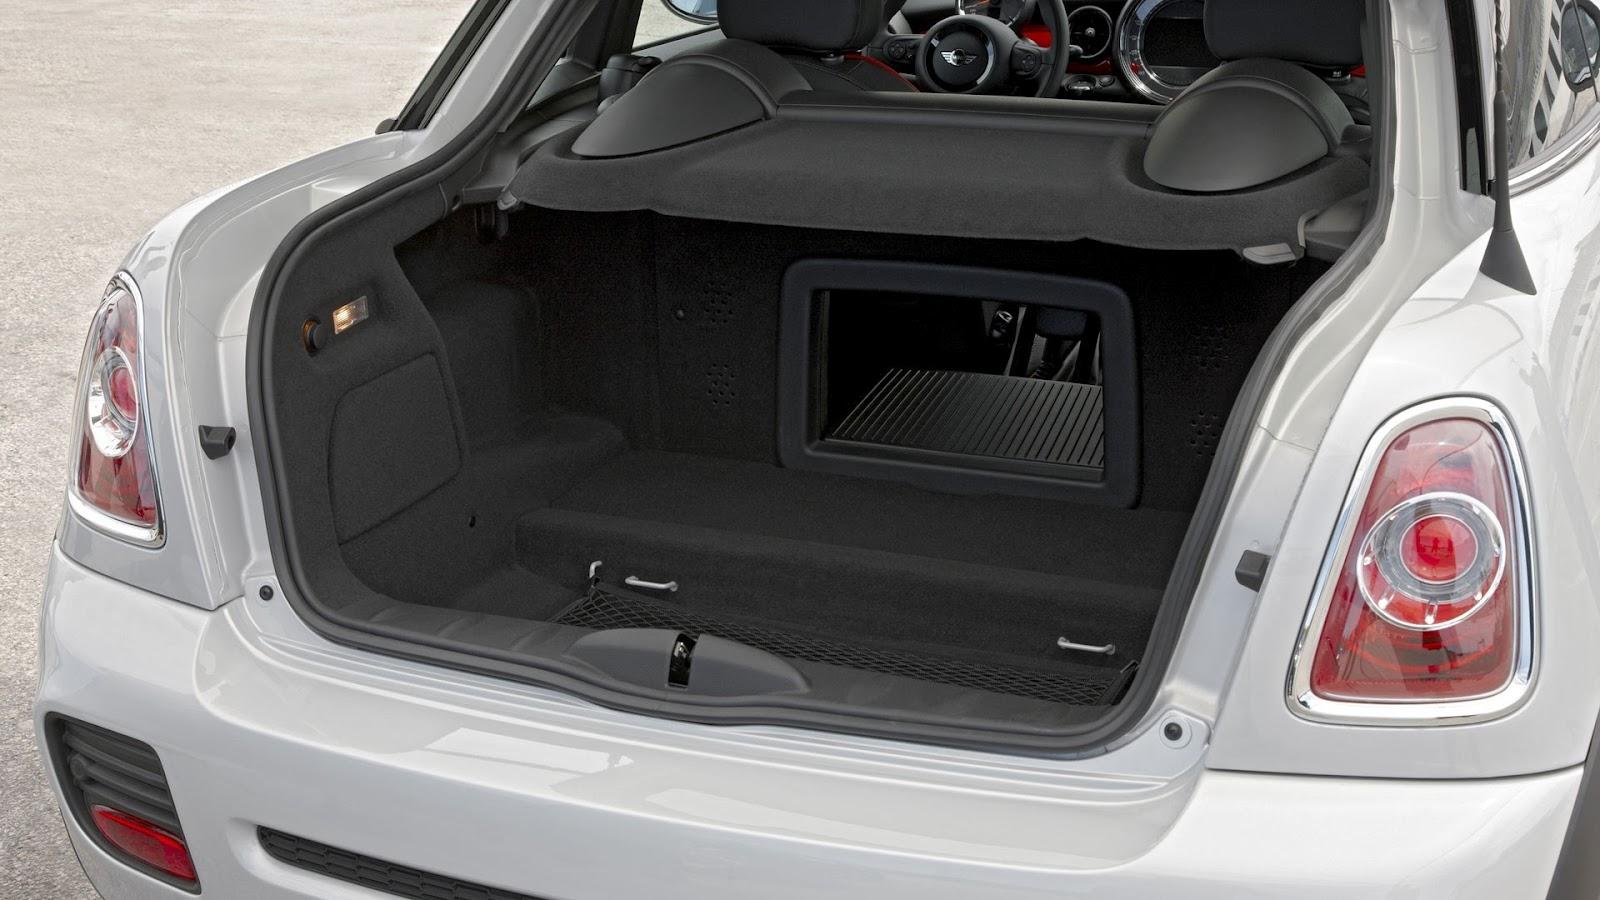 http://4.bp.blogspot.com/-8aVskfz-6VA/T9lJiSrQkTI/AAAAAAAA3jc/SJaYDu1BWQg/s1600/Mini+Coupe.jpg